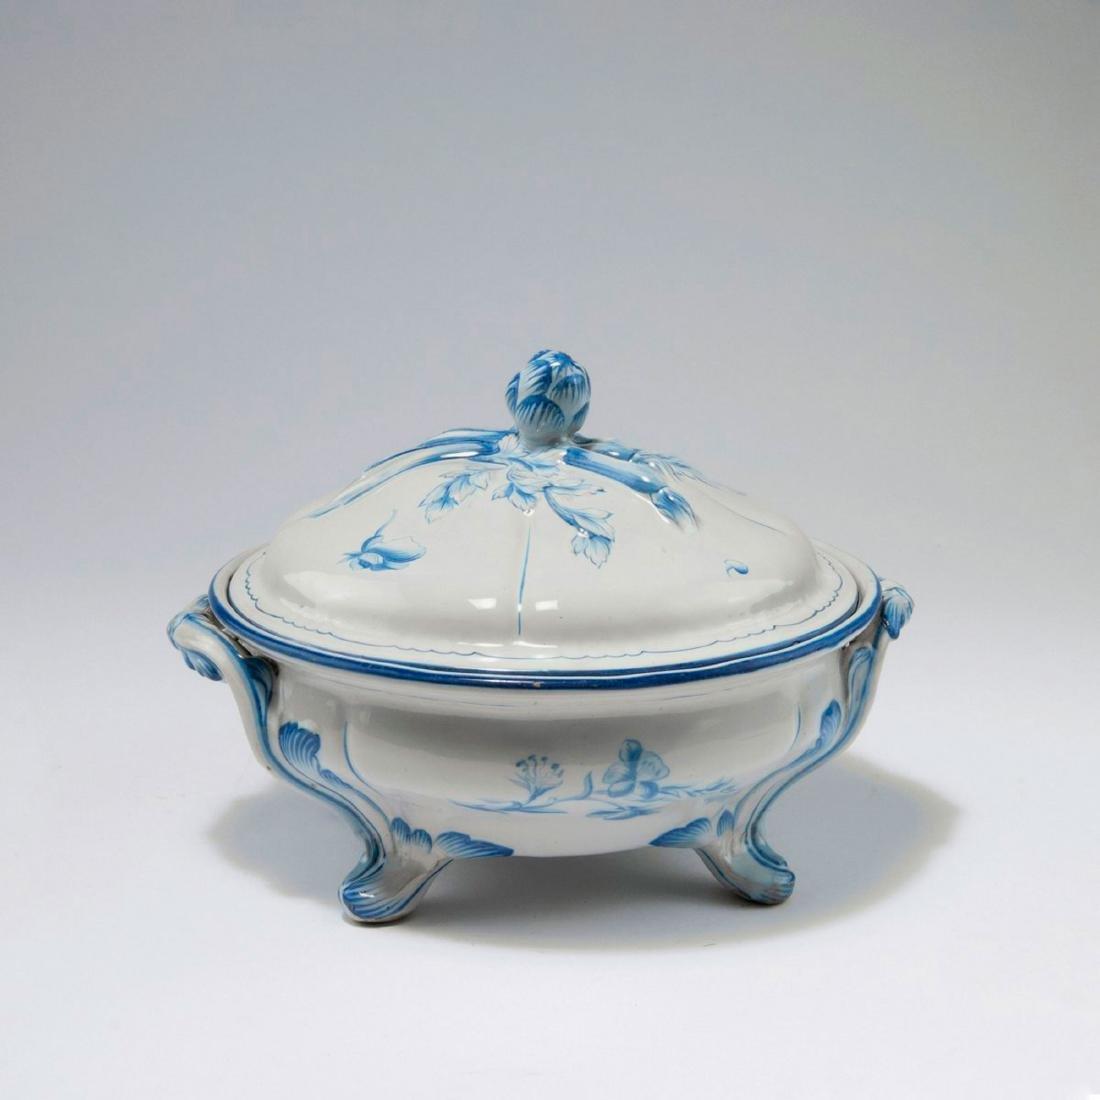 Lidded turreen, c. 1872 - 2